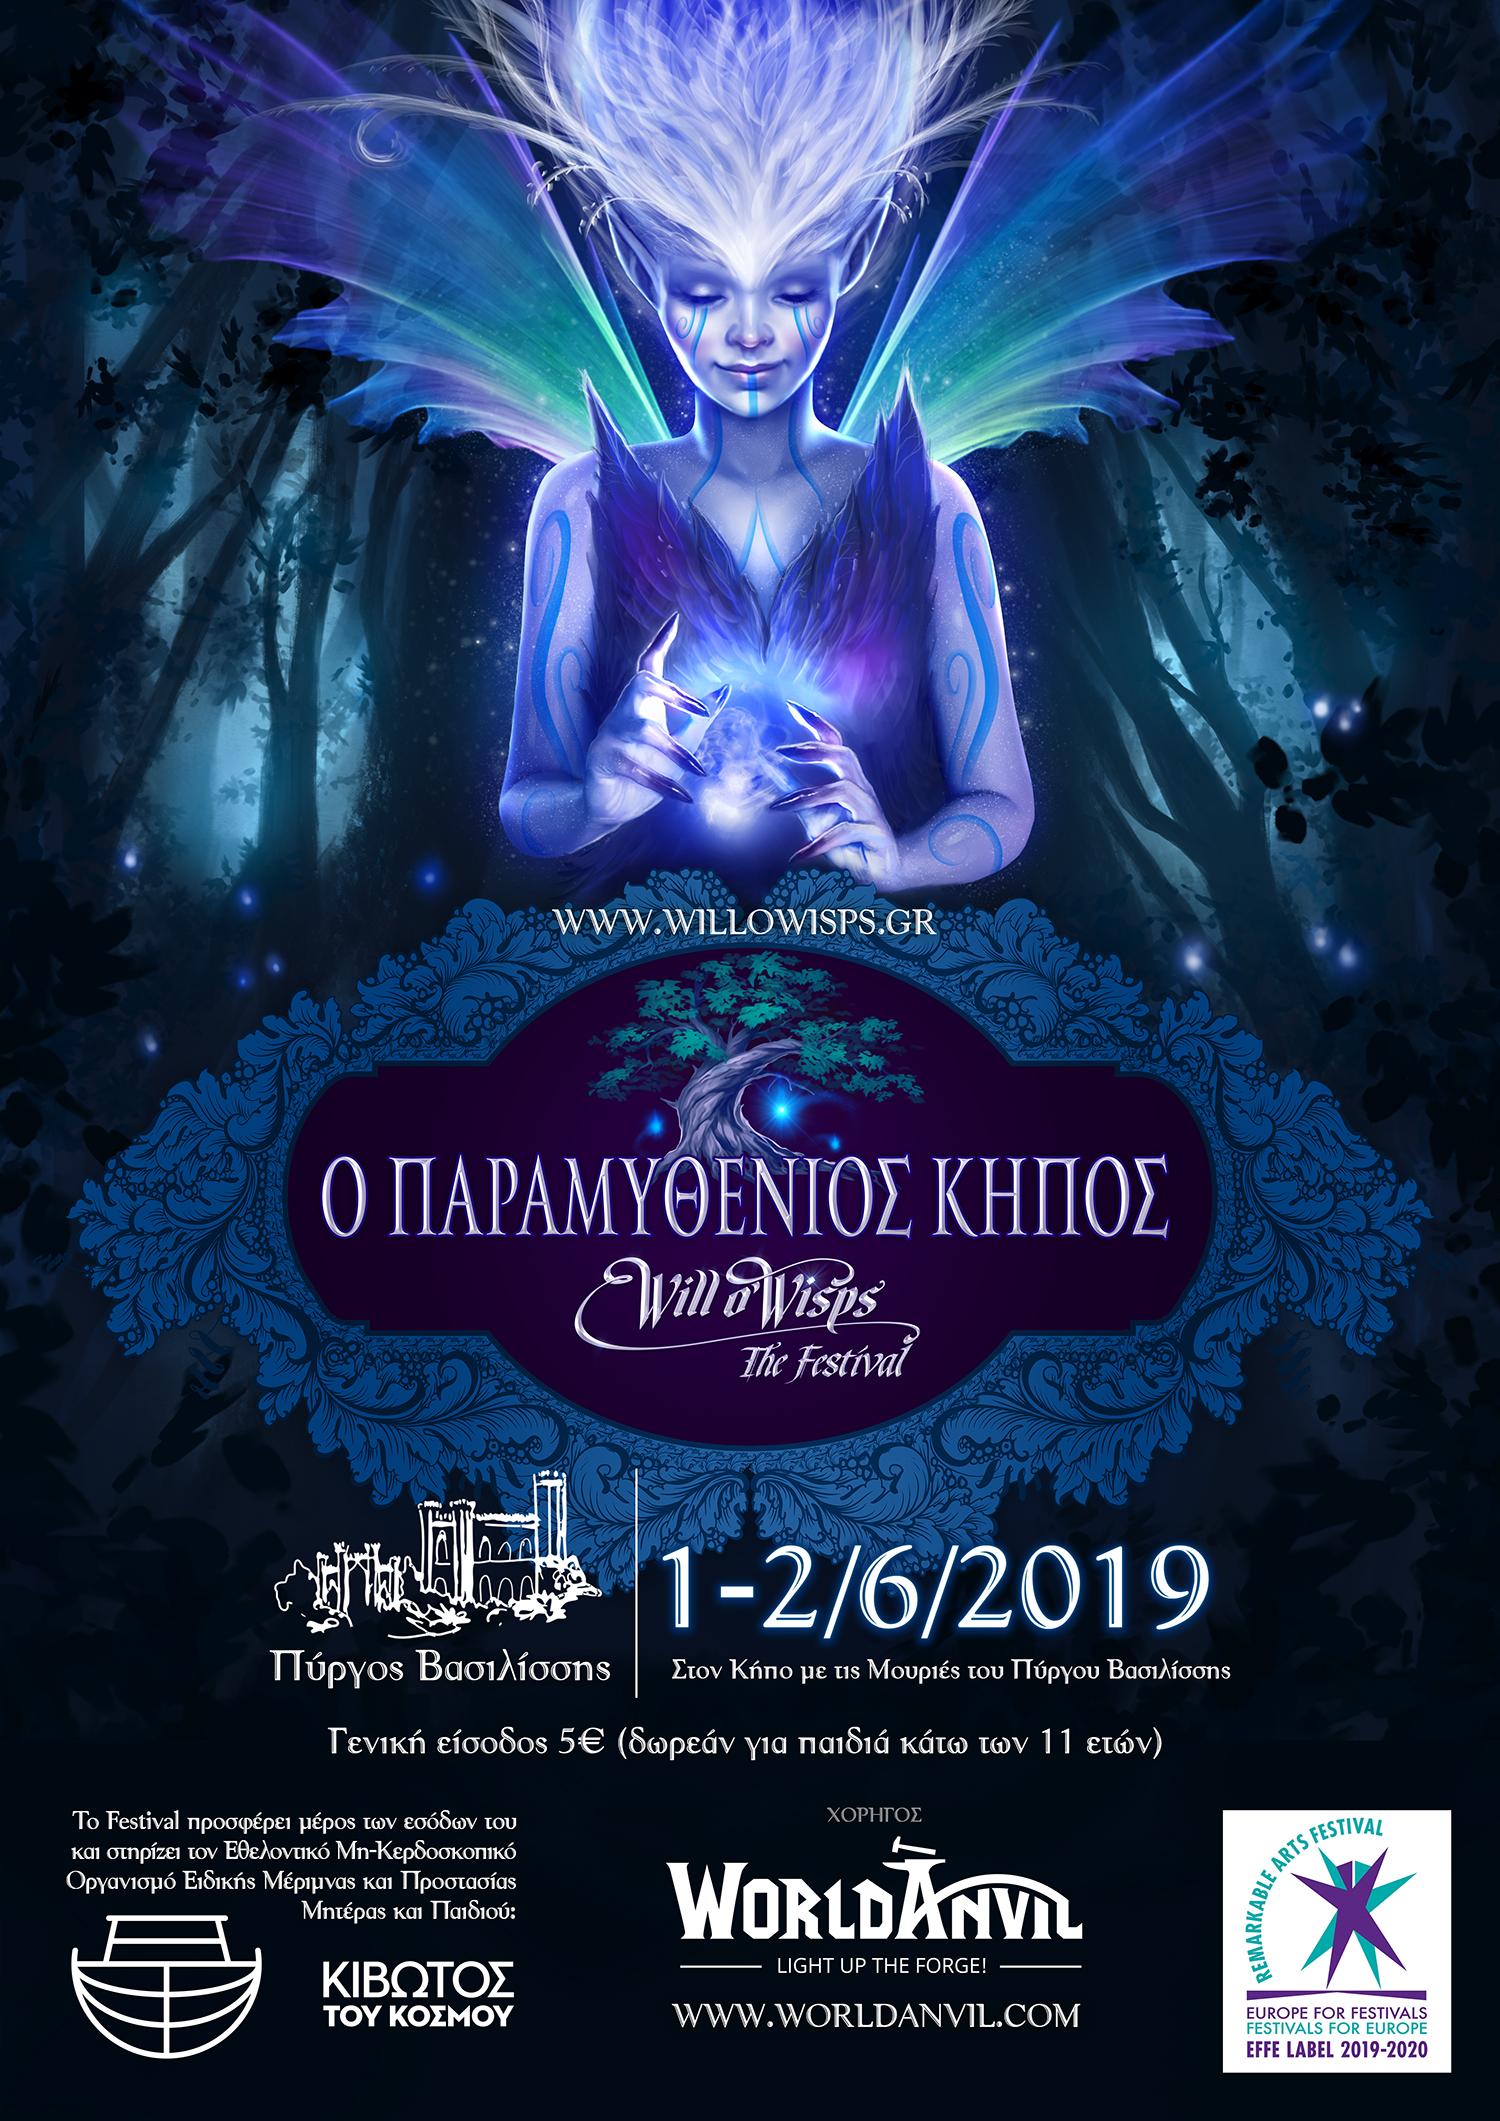 Αφίσα Ο Παραμυθένιος Κήπος 2019